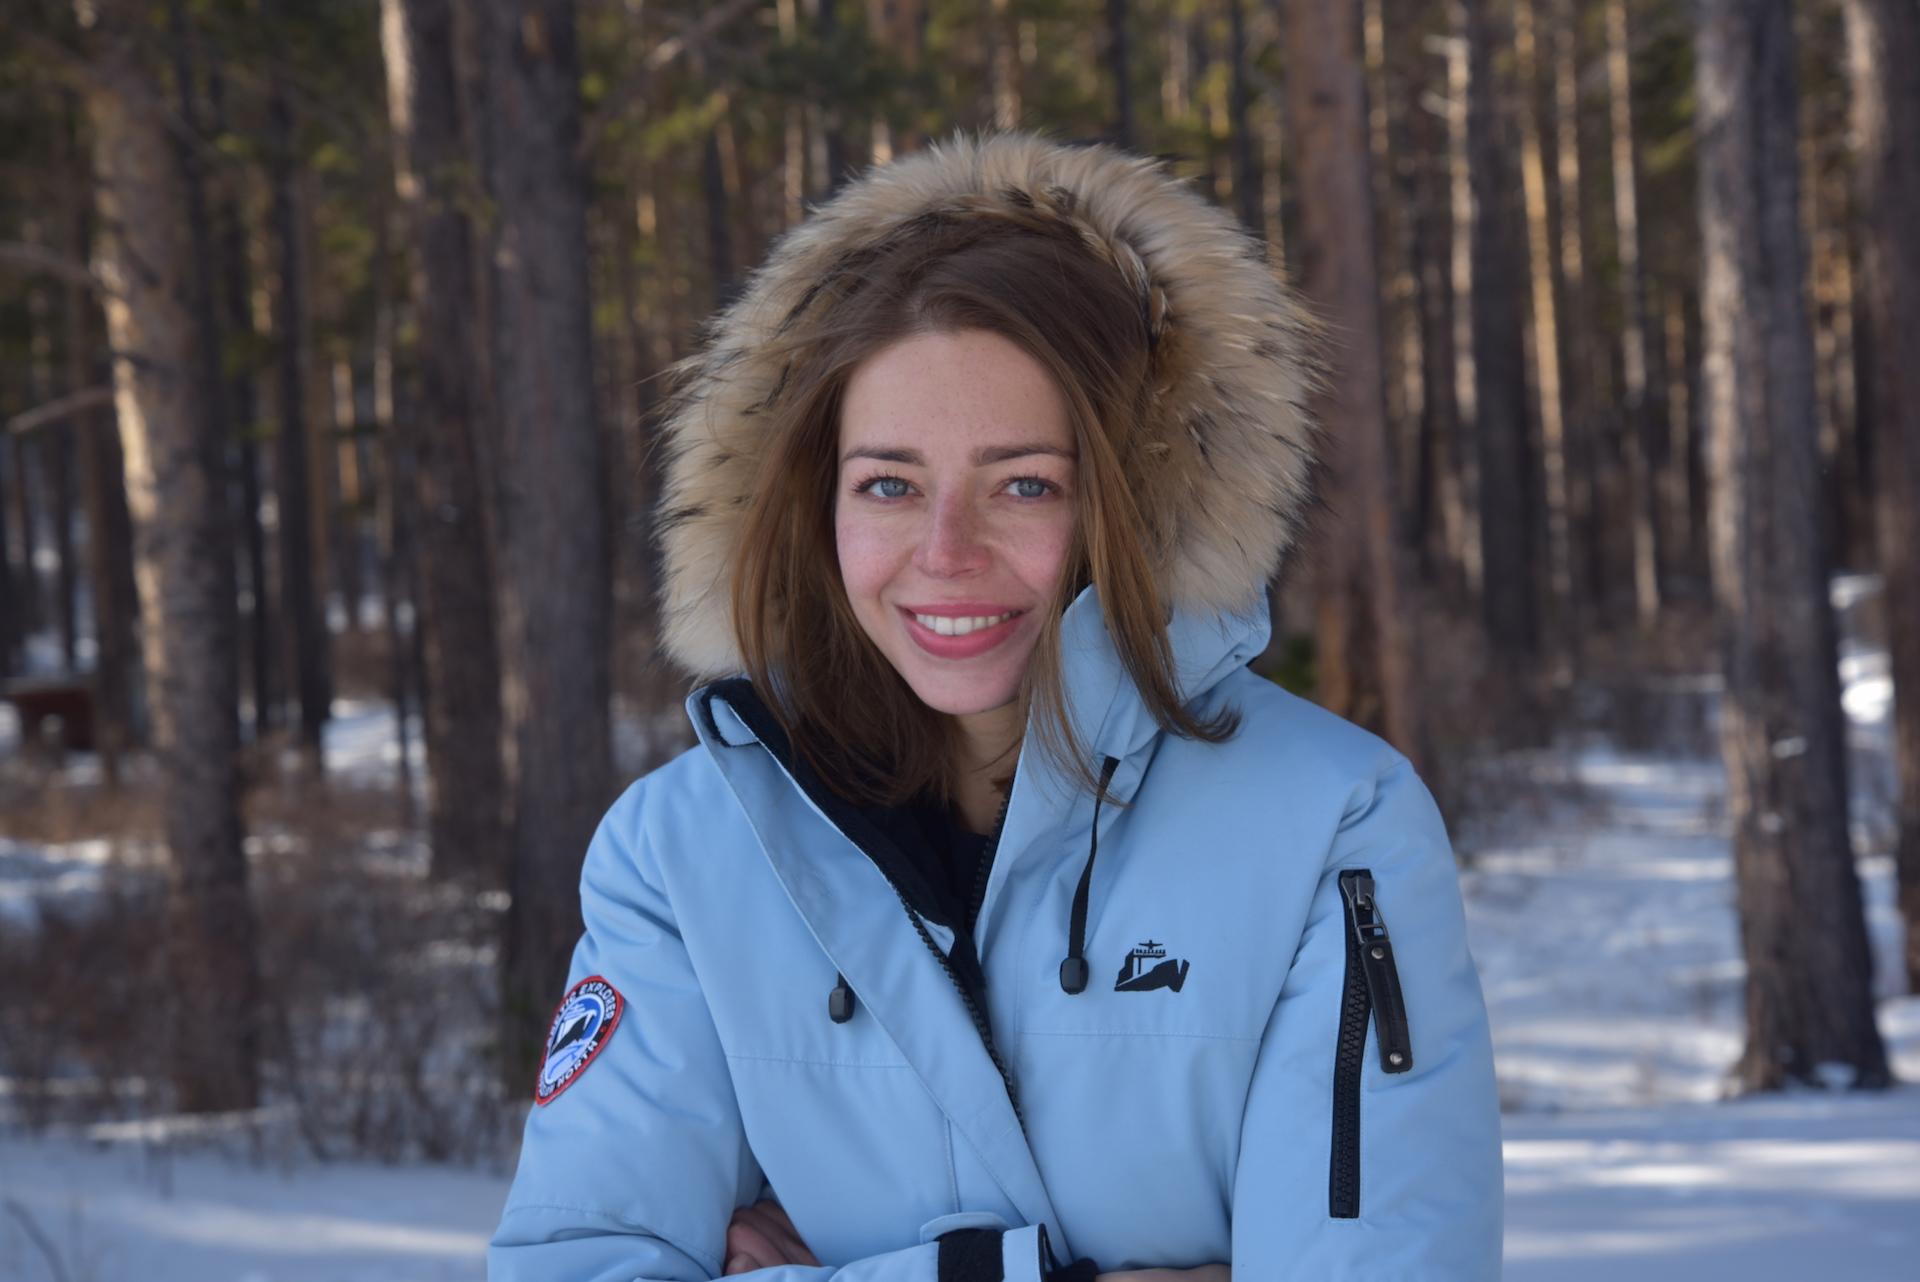 Lena Degtyar Natalia Tochilenko